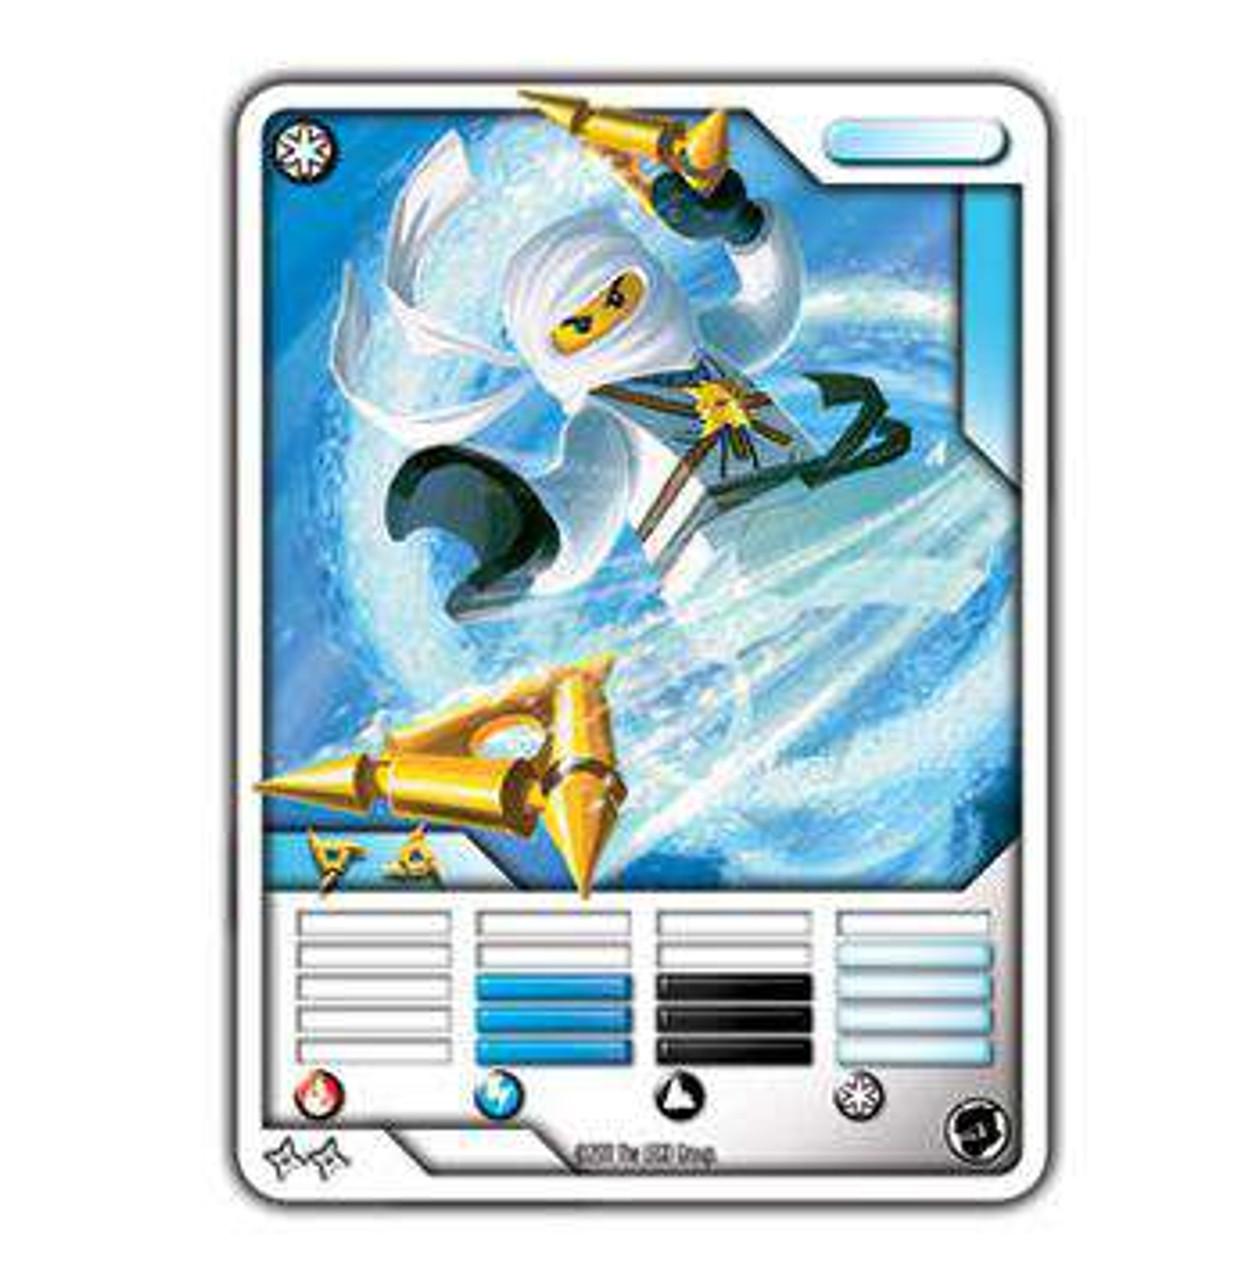 LEGO Ninjago Spinjitzu Spinners Zane Set 2113 - ToyWiz